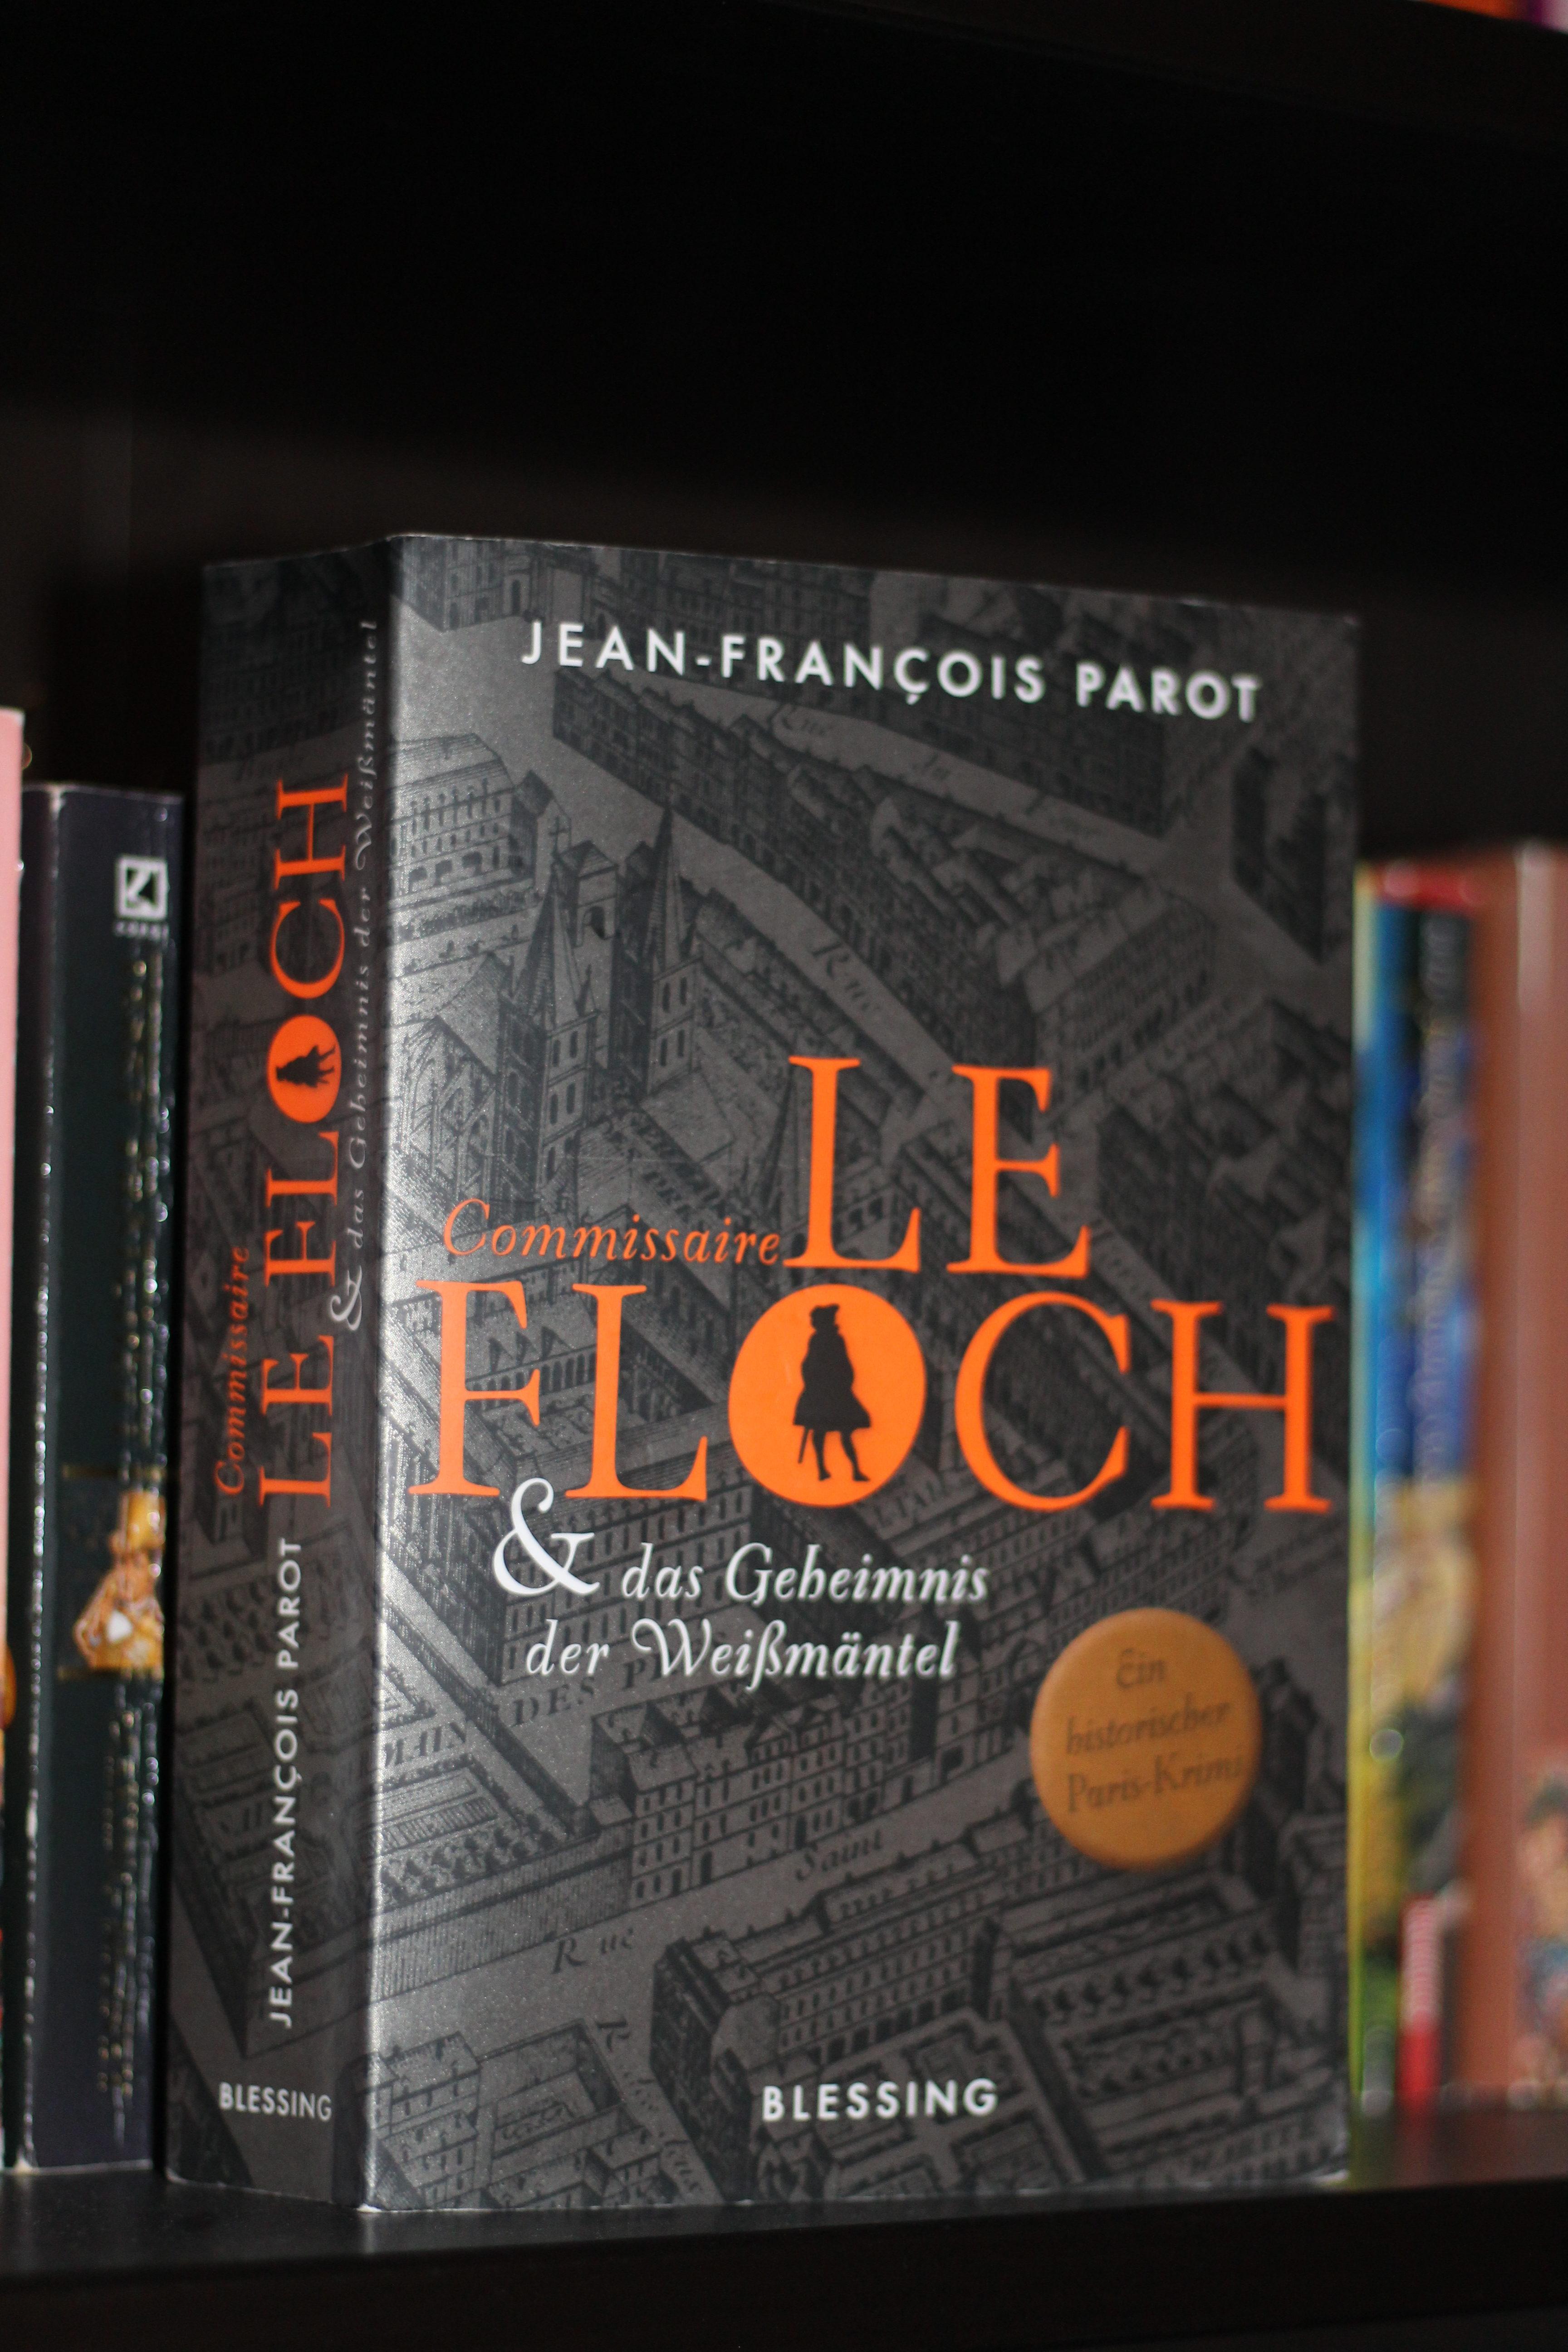 Commissaire Le Floch